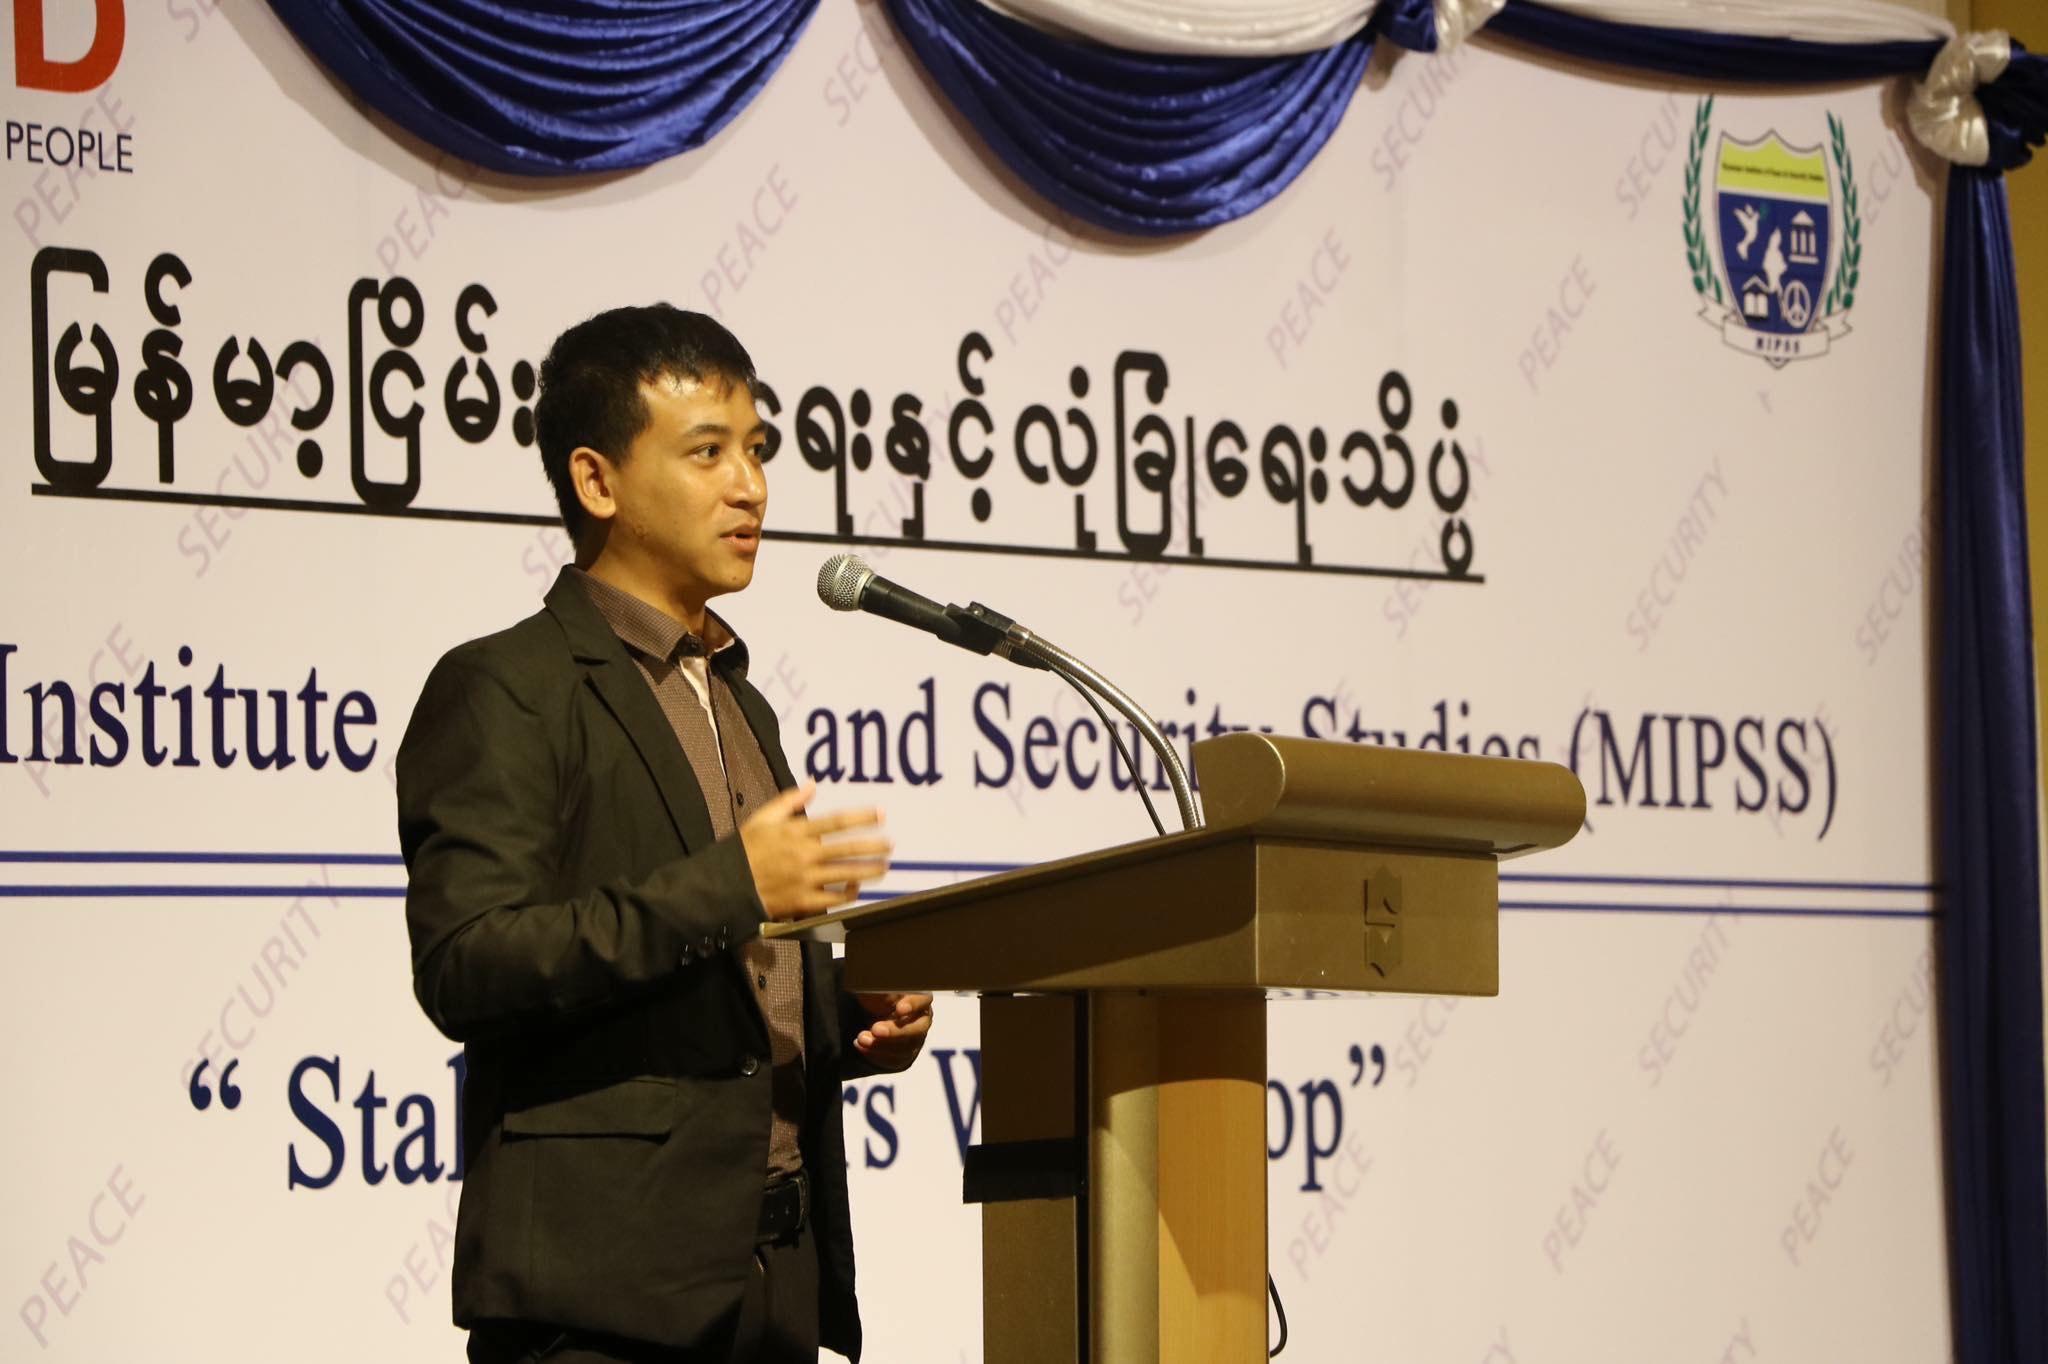 Wint Htal Kaung Myat